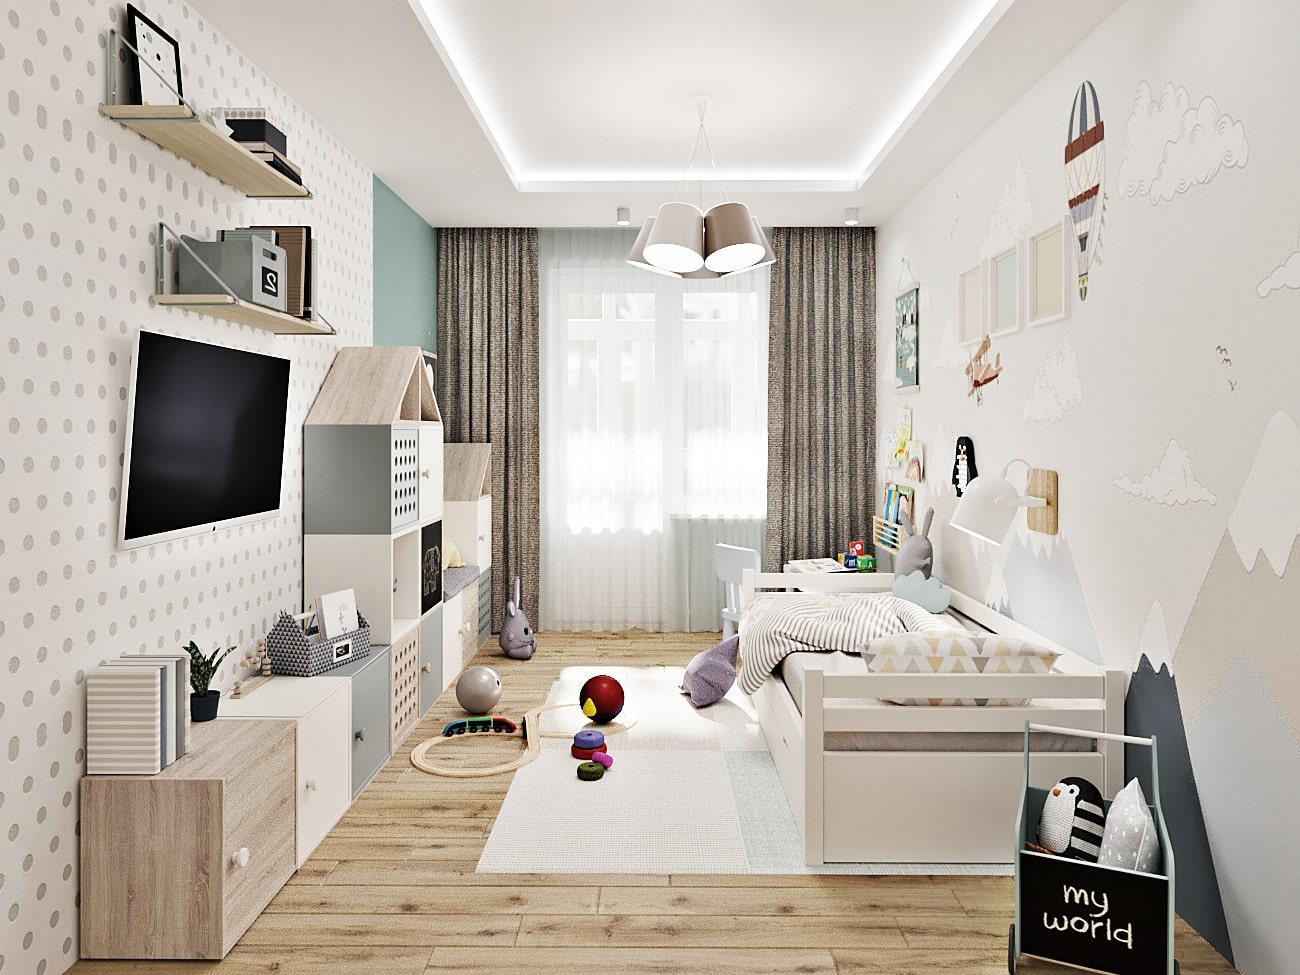 детская комната для мальчика фото 79